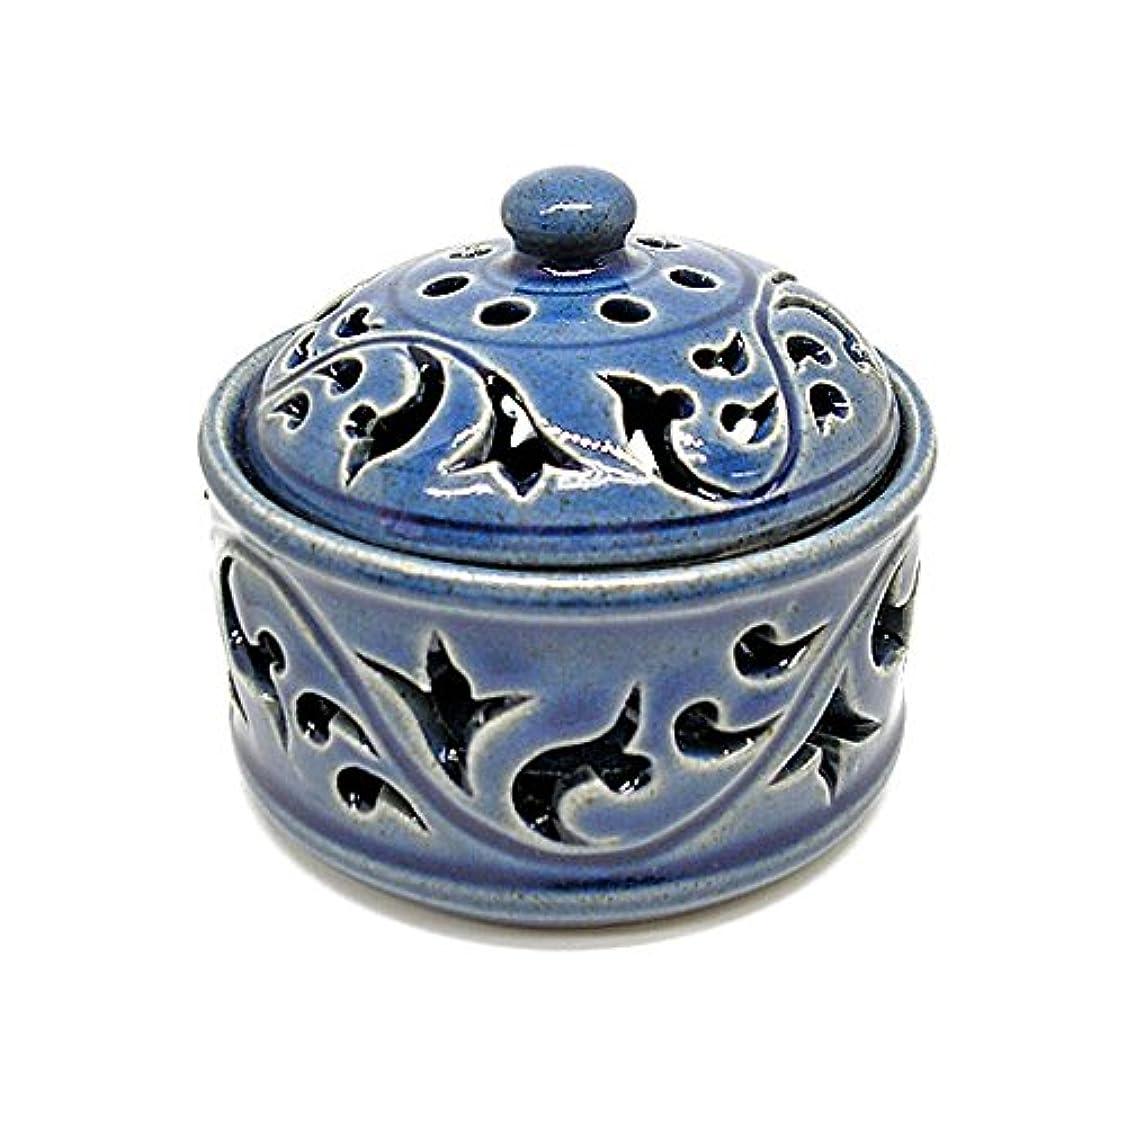 市民約設定なかなか唐草模様の陶器の香炉 小物入れ ブルー インセンスホルダー お香立て アジアン雑貨 並行輸入品(ノーブランド品) [並行輸入品]